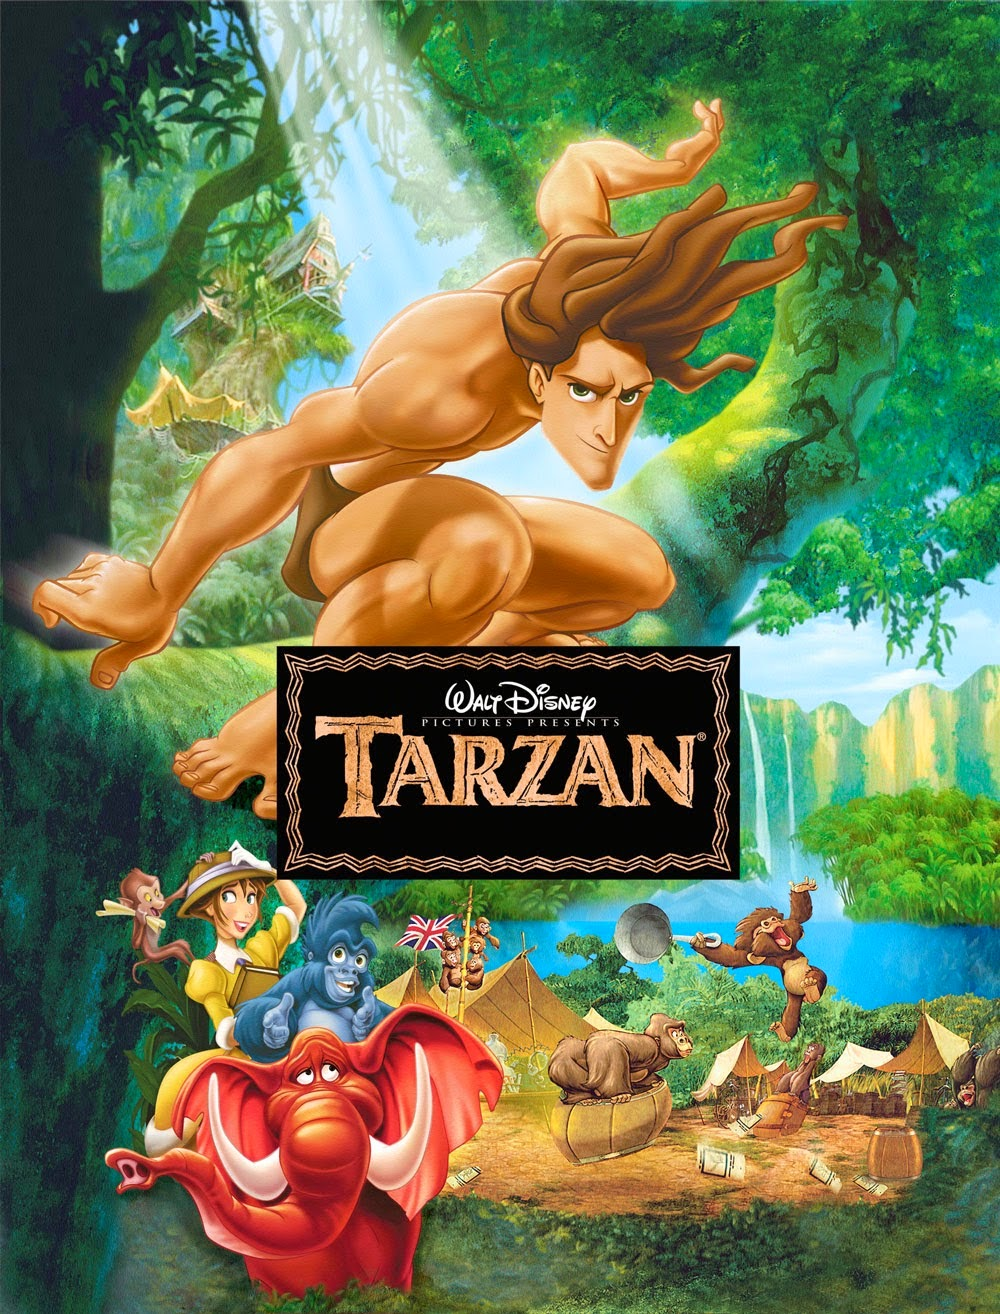 Tarzan-PC-Game-Cover